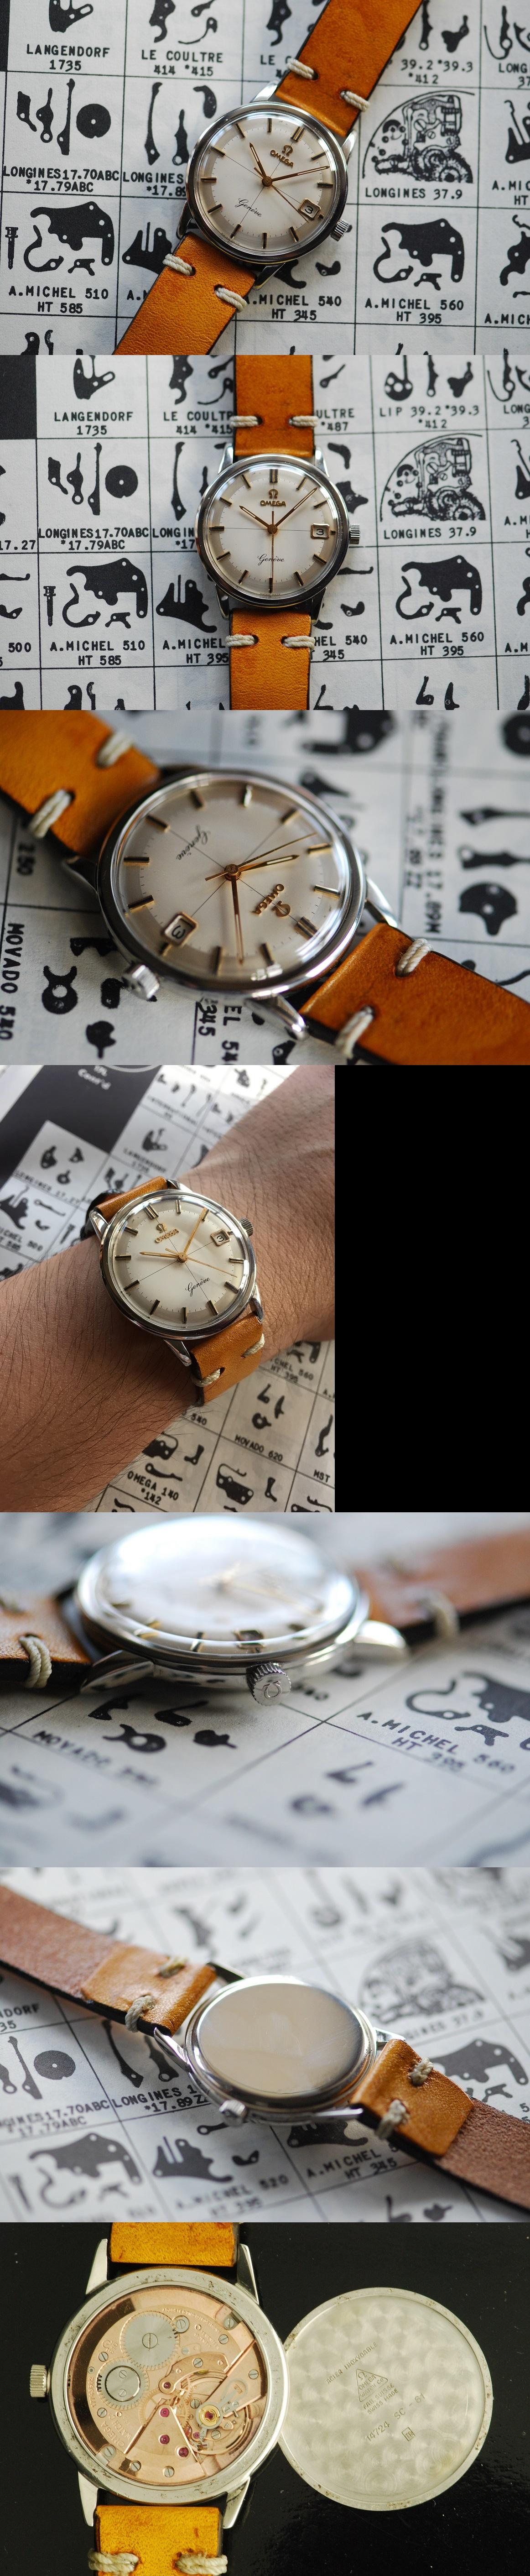 1960 Omega Geneve Vintage Gent's Watch